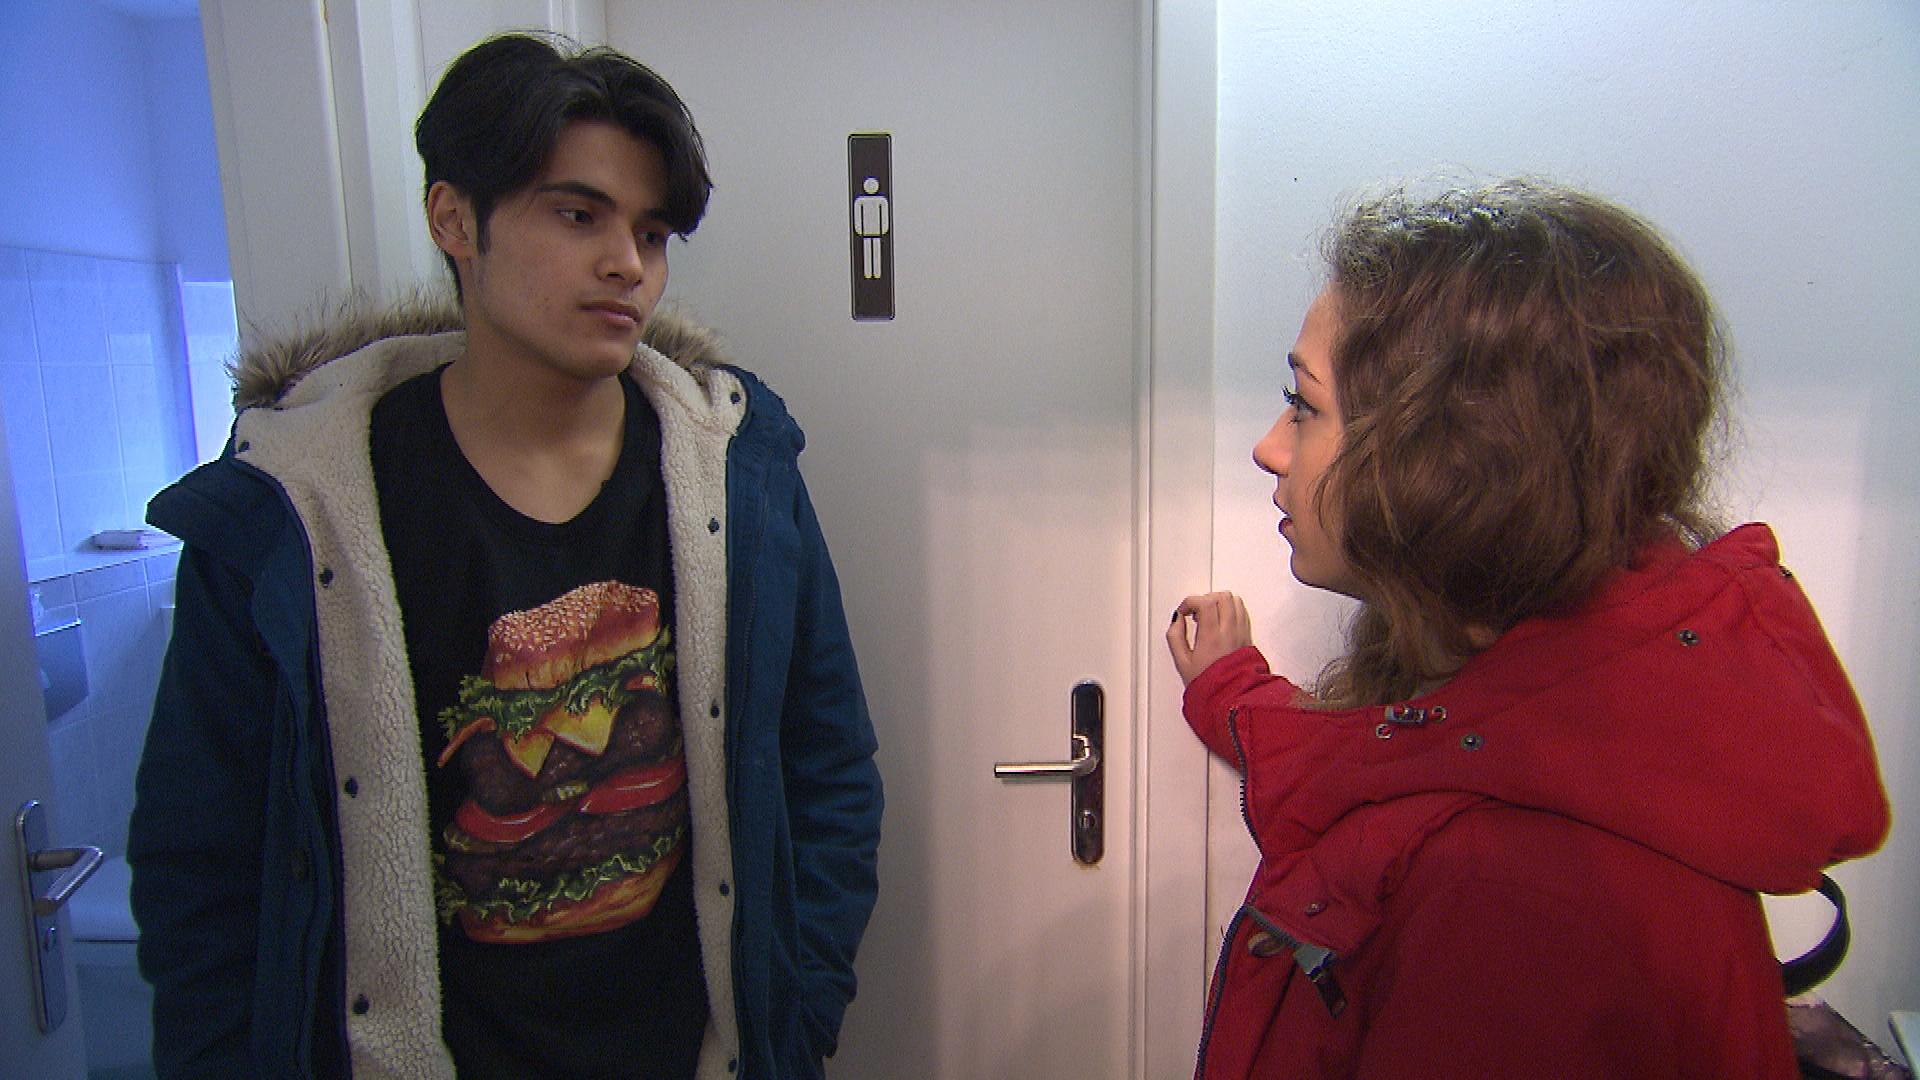 Elli ist völlig vor den Kopf gestoßen, als Yanick nach seiner Liebeserklärung keine Chance mehr für ihre Freundschaft sieht. Elli will das aber nicht hinnehmen und zwingt Yanick zu einem klärenden Gespräch. (Quelle: RTL 2)